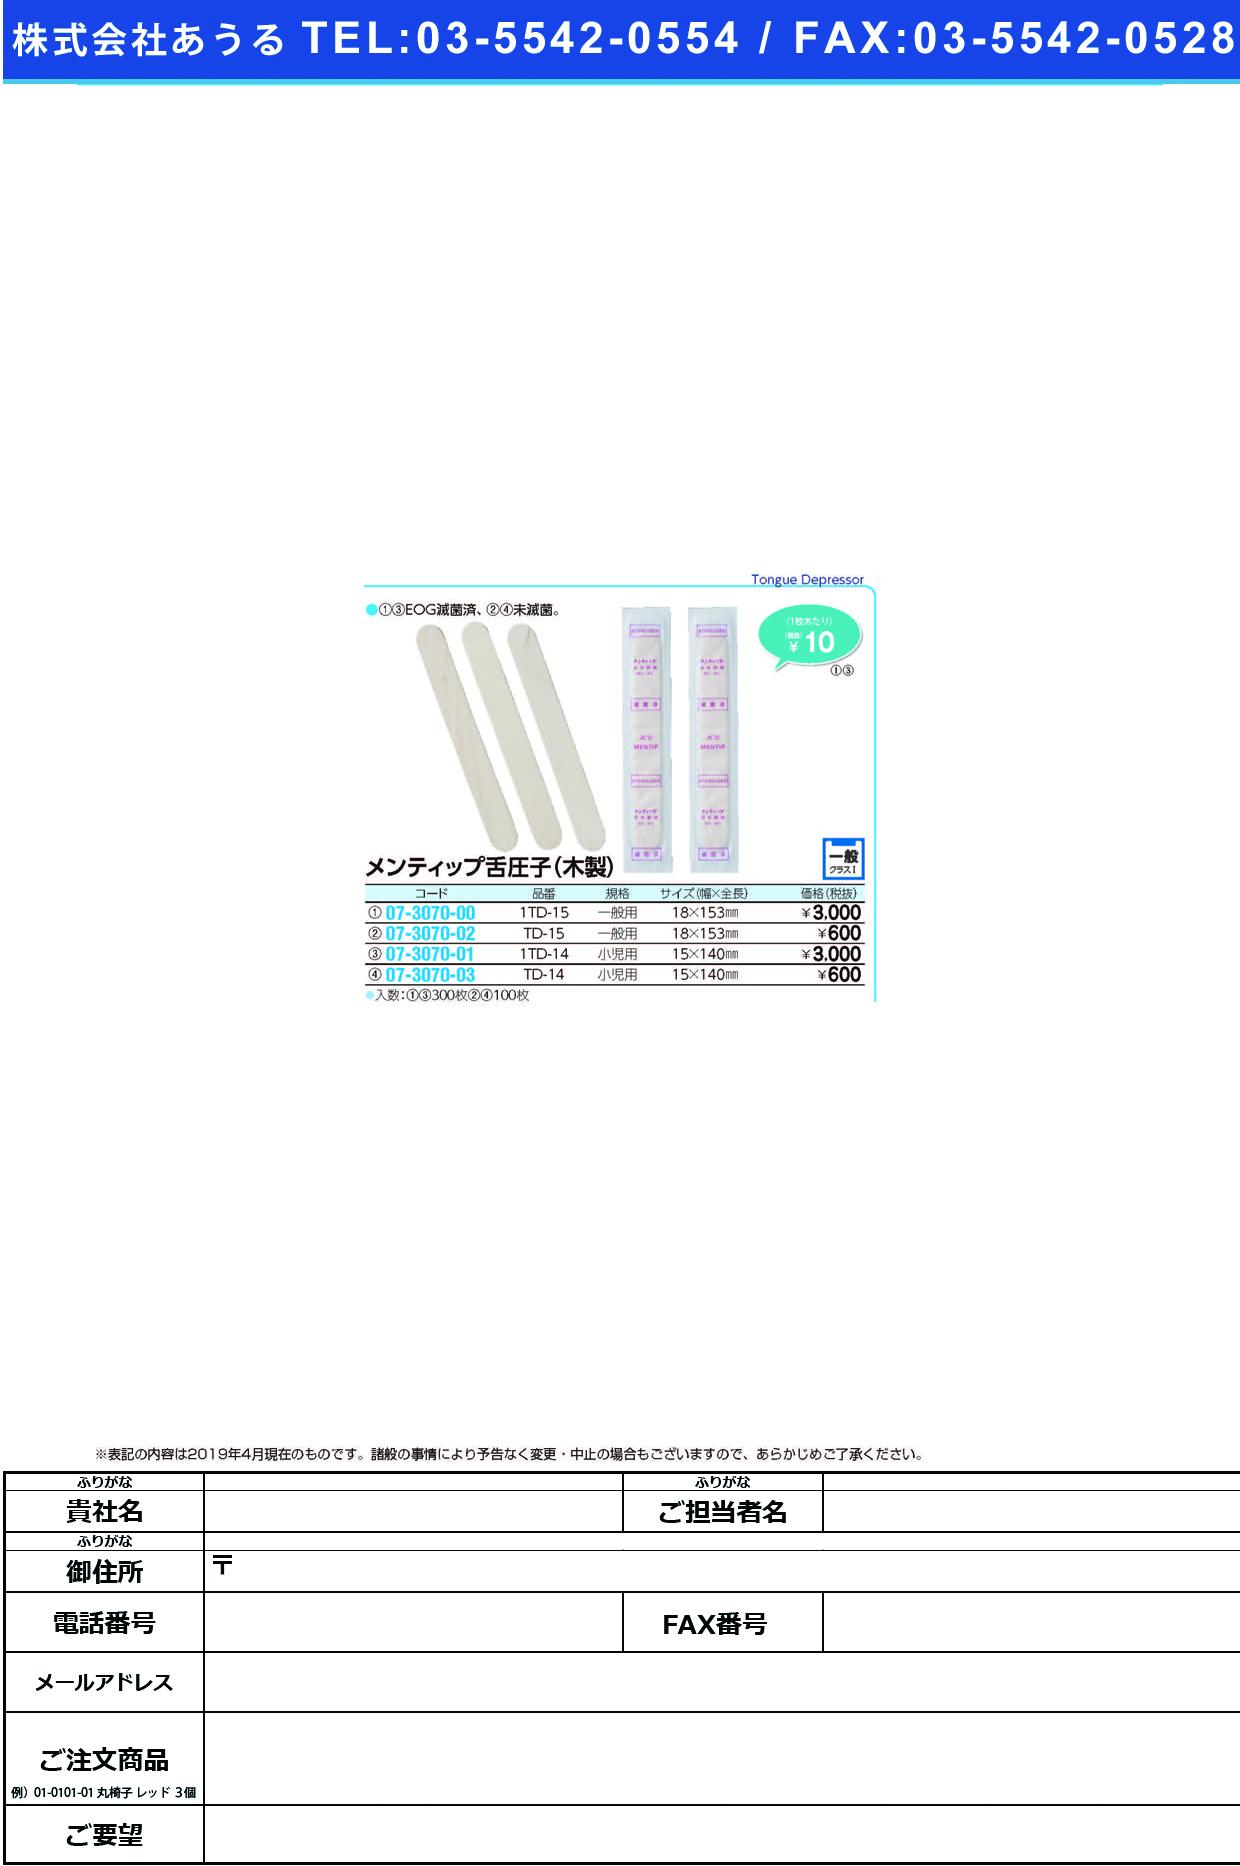 (07-3070-02)メンティップ舌圧子(木製) TD-15(100マイ) メンティップゼツアツシ(モクセイ)(日本綿棒)【1箱単位】【2019年カタログ商品】